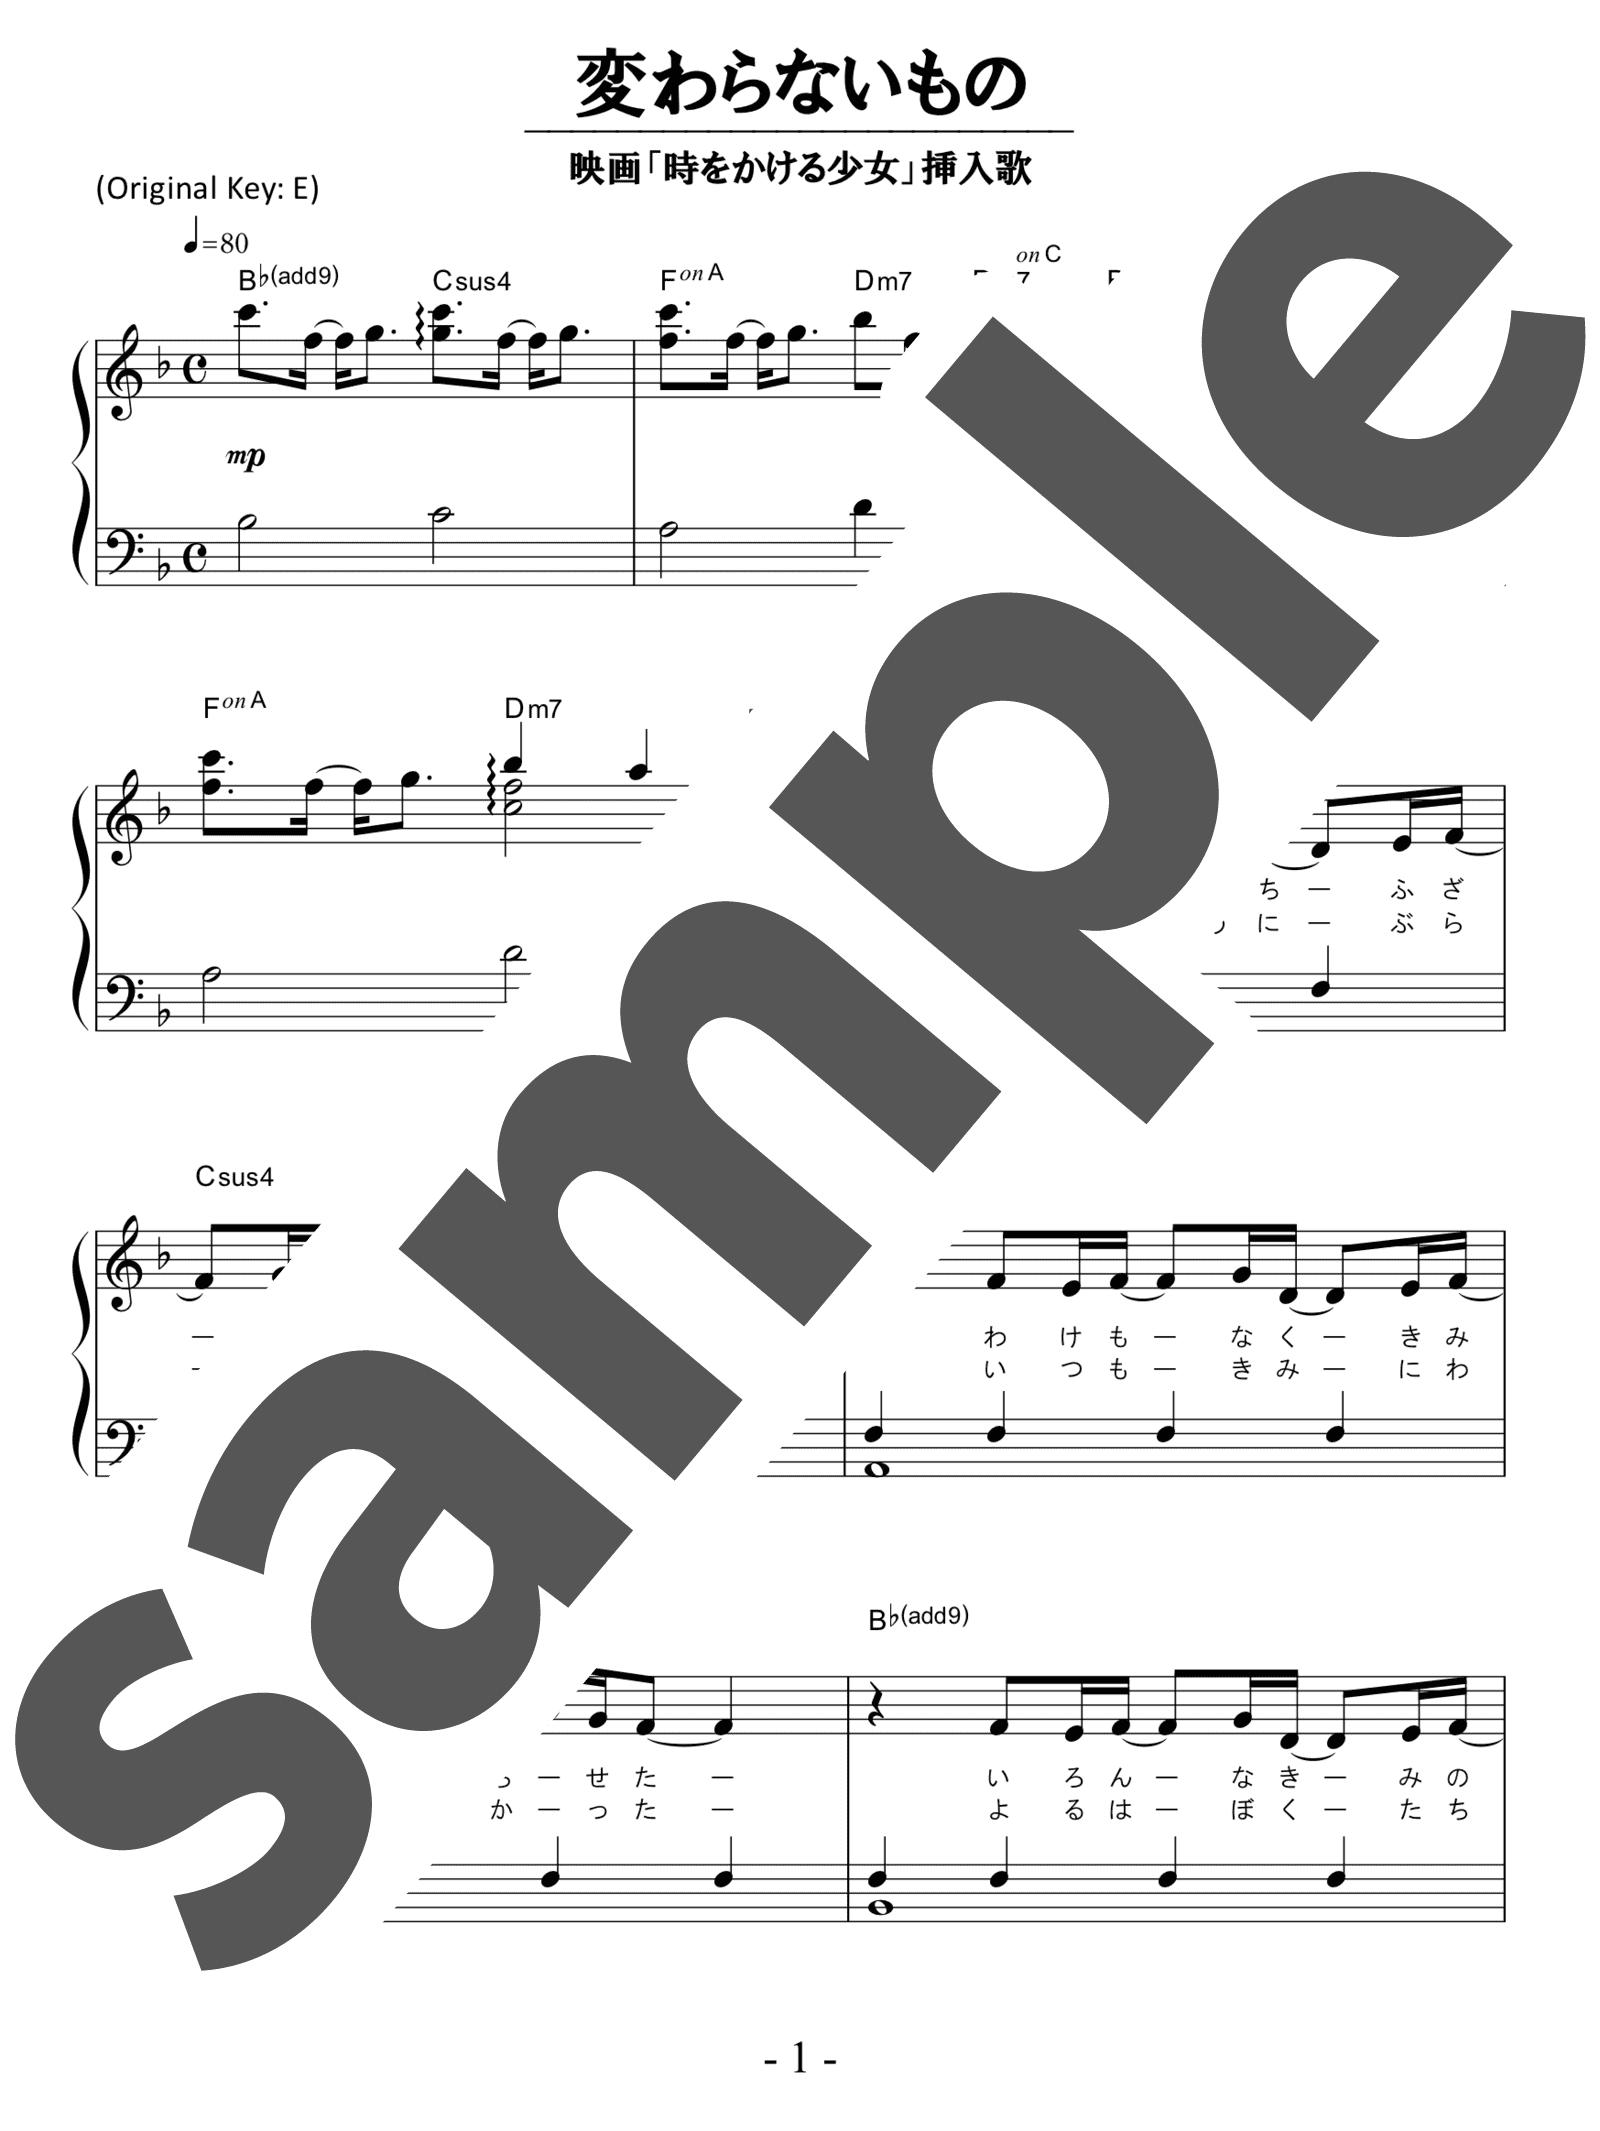 「変わらないもの」のサンプル楽譜